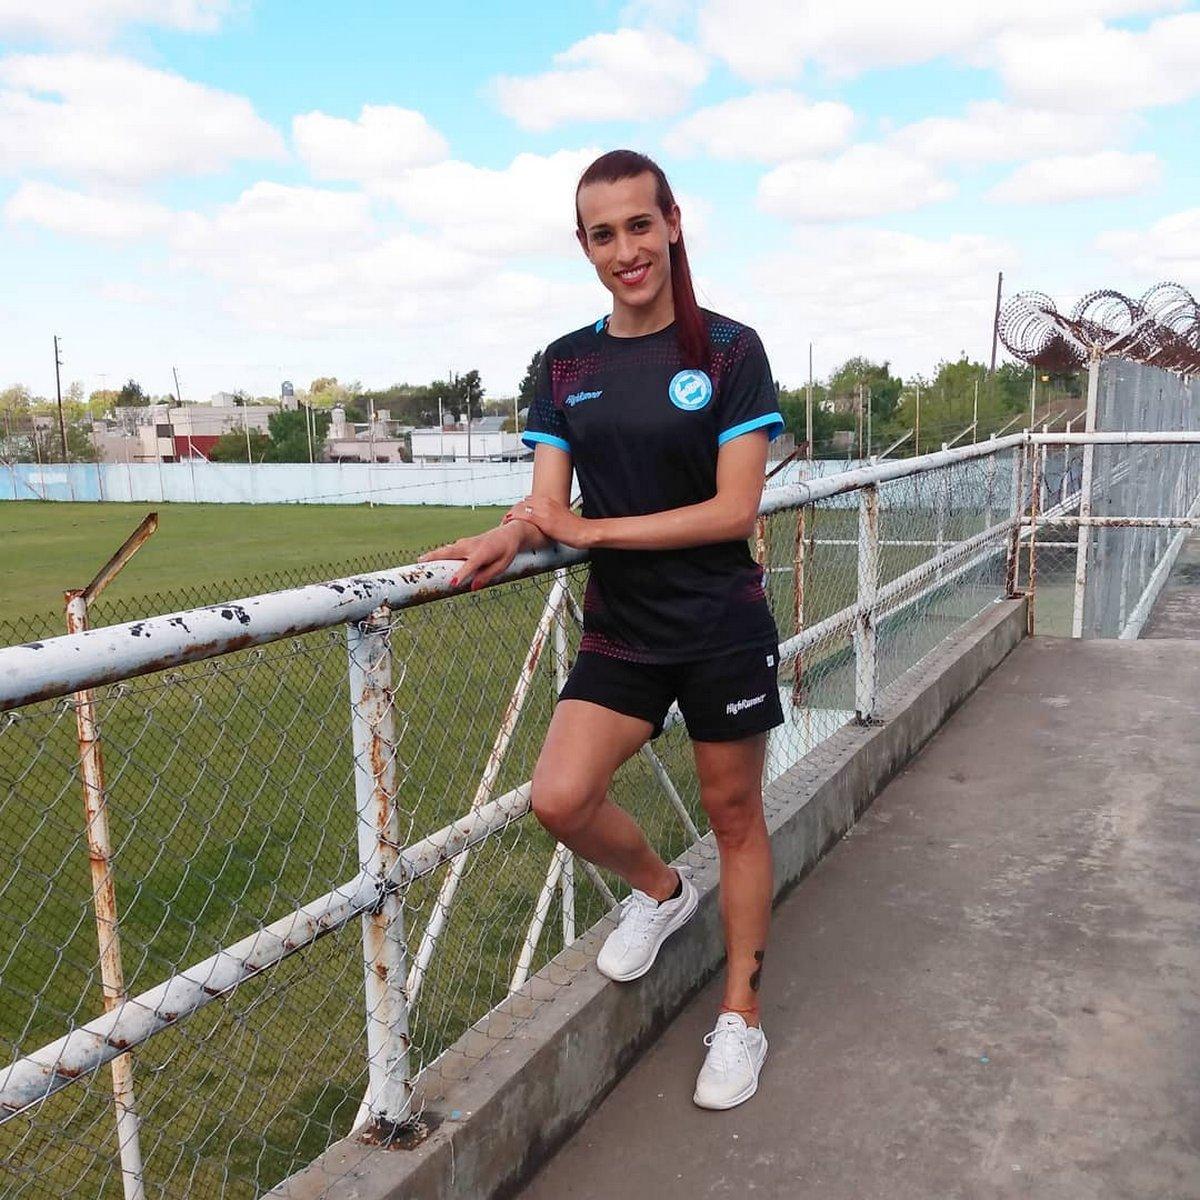 Mara Gomez devient la première femme transgenre à jouer au football professionnel